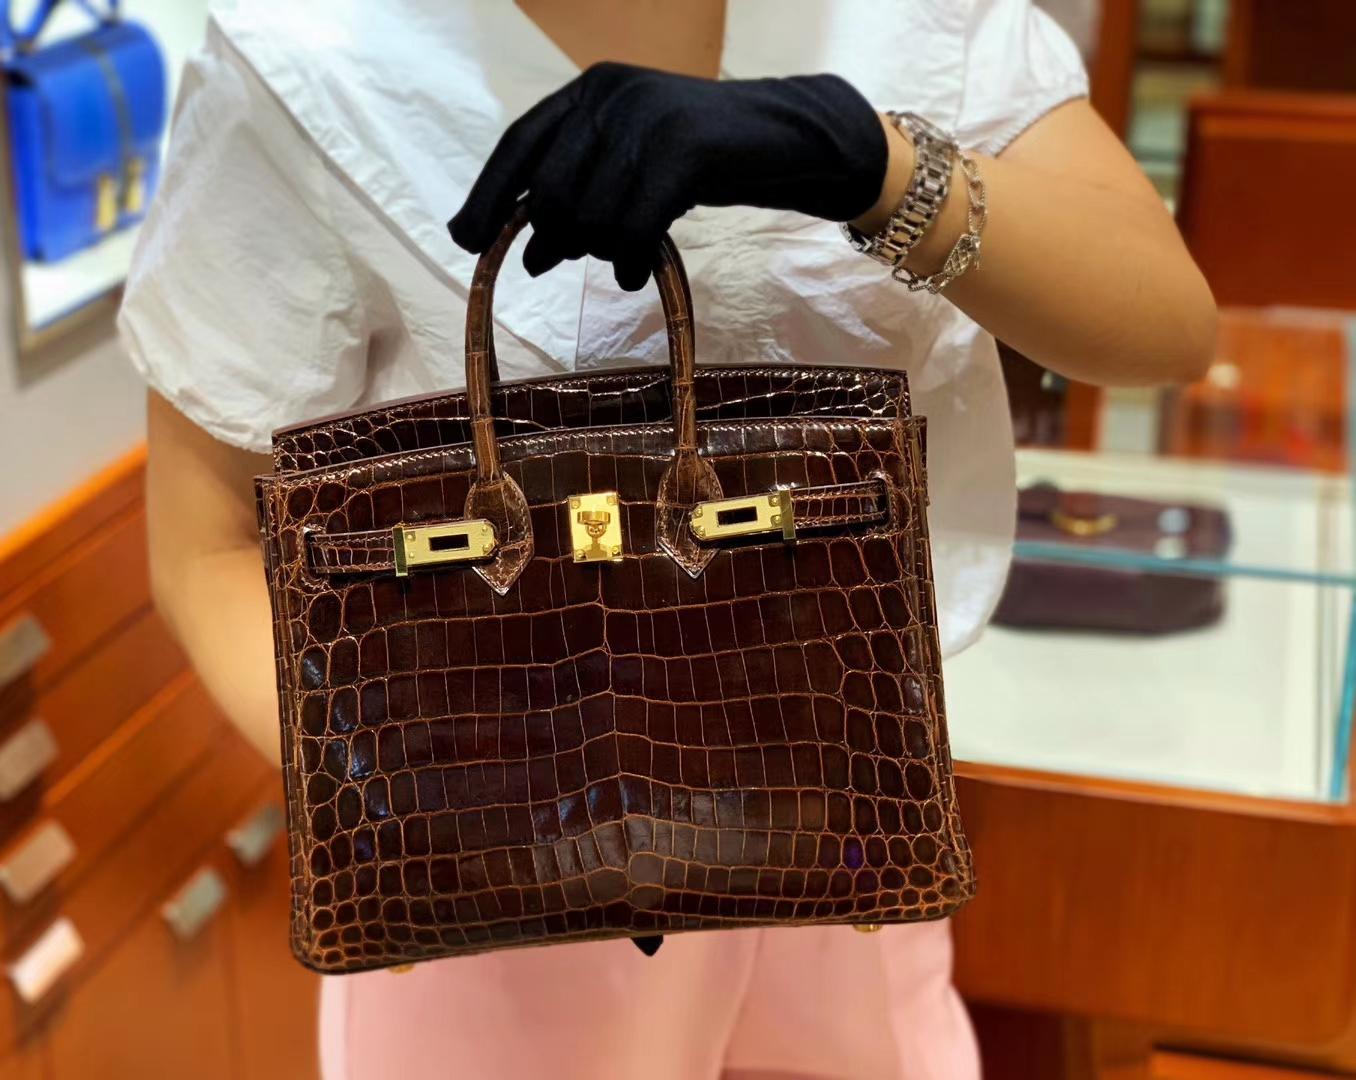 爱马仕包包价格 巧克力棕 鳄鱼皮 金扣 纹路清晰 手感超级好 完胜正品 Birkin 25/30